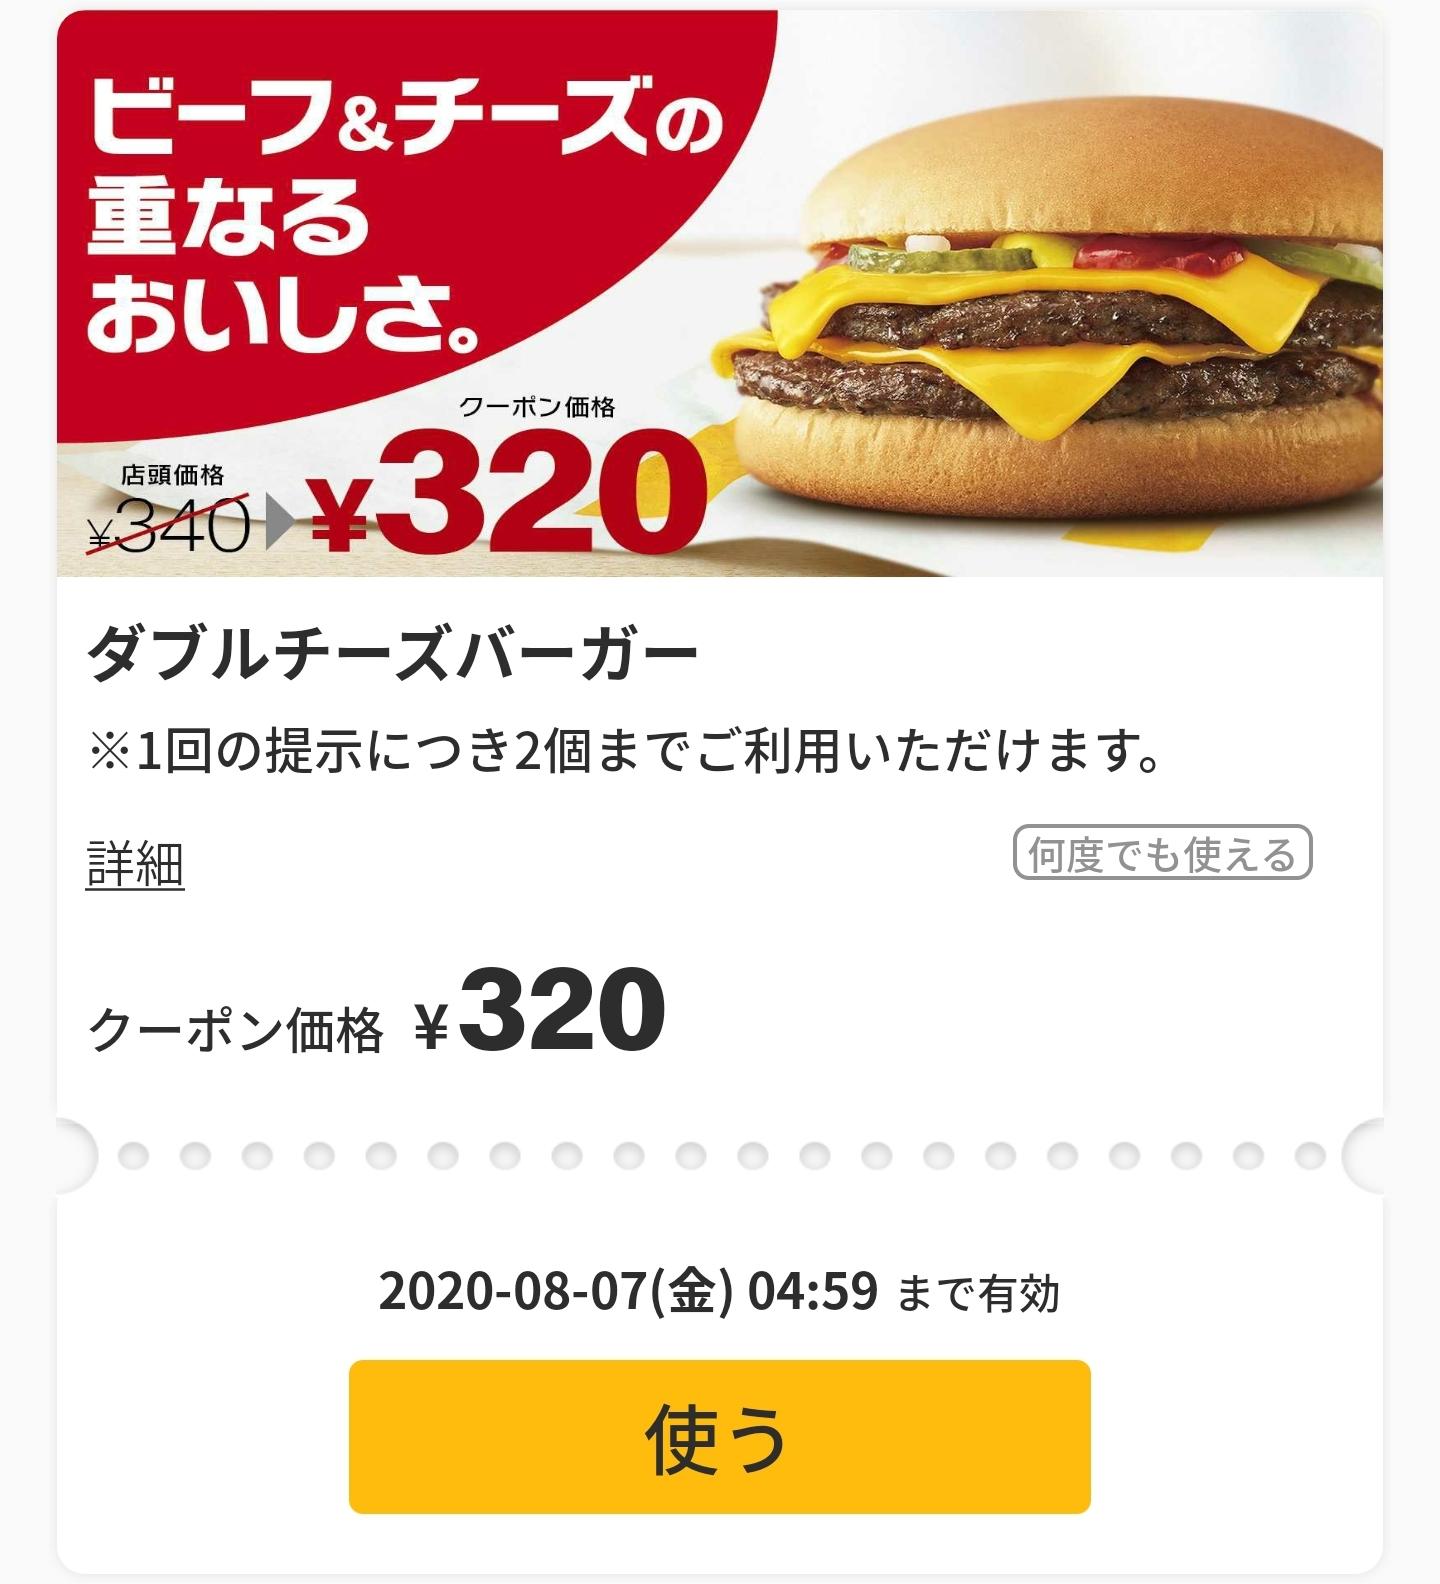 【朗報】マクドナルド、ダブルチーズバーガーの衝撃価格クーポン配布!!!!